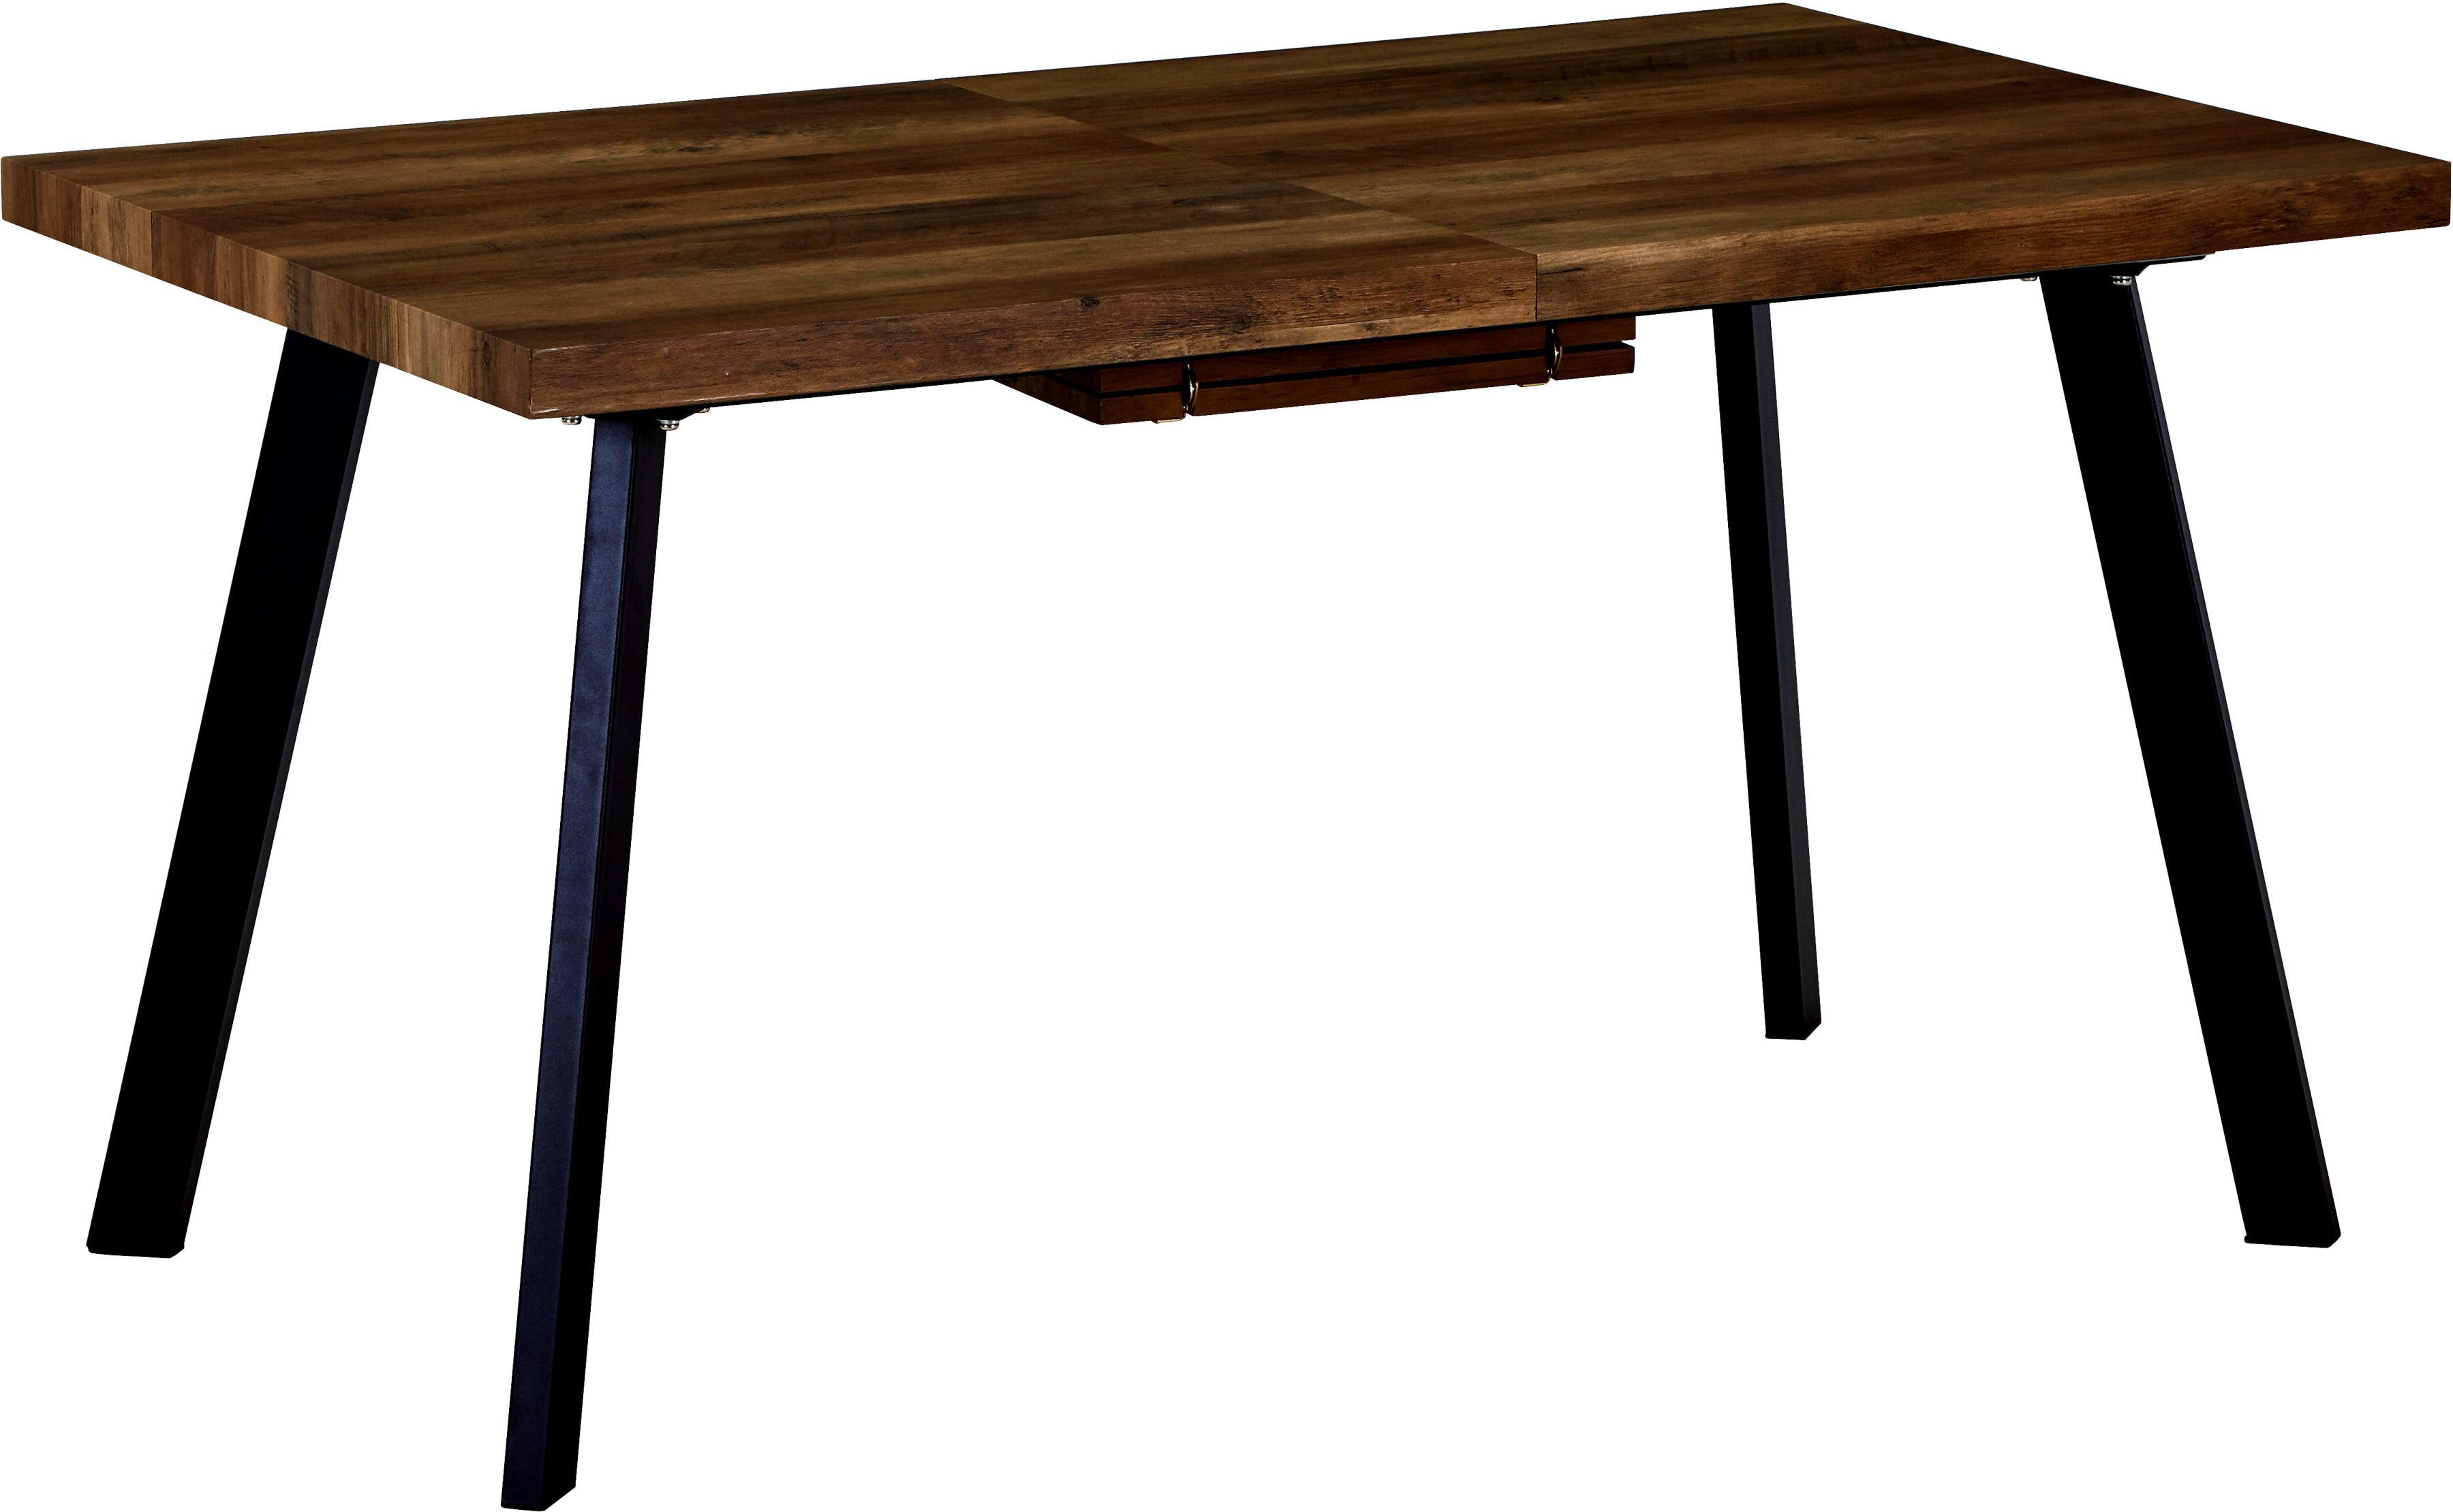 Stół rozkładany Diego Teak 140-180/85 cm